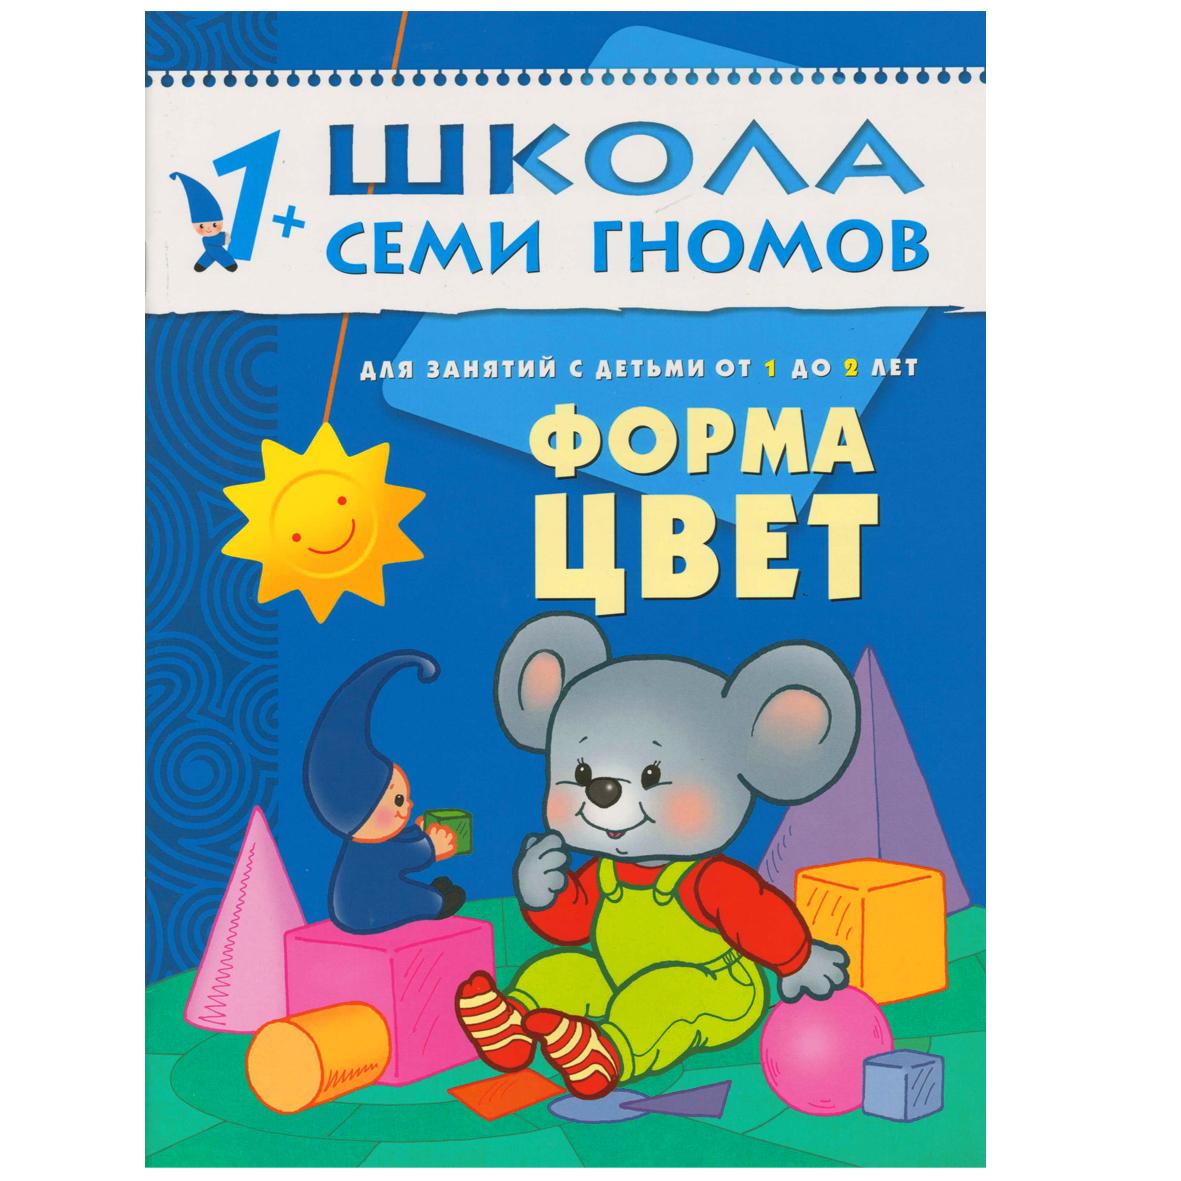 Форма, цвет: Для занятий с детьми от 1 до 2 лет